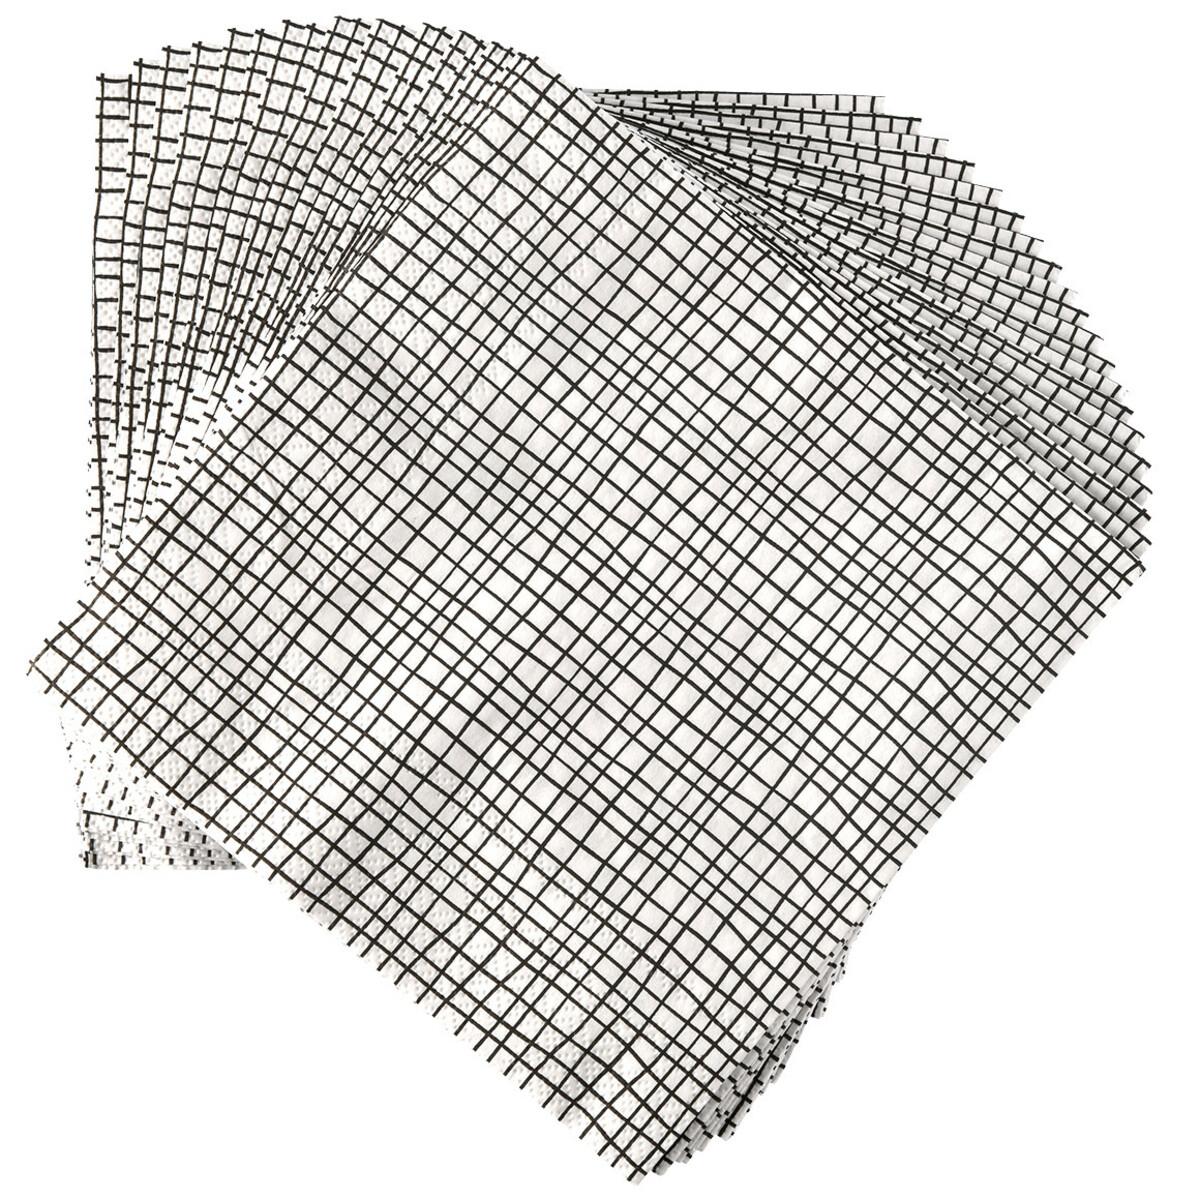 Bild 1 von 20 Servietten im Streifen-Look